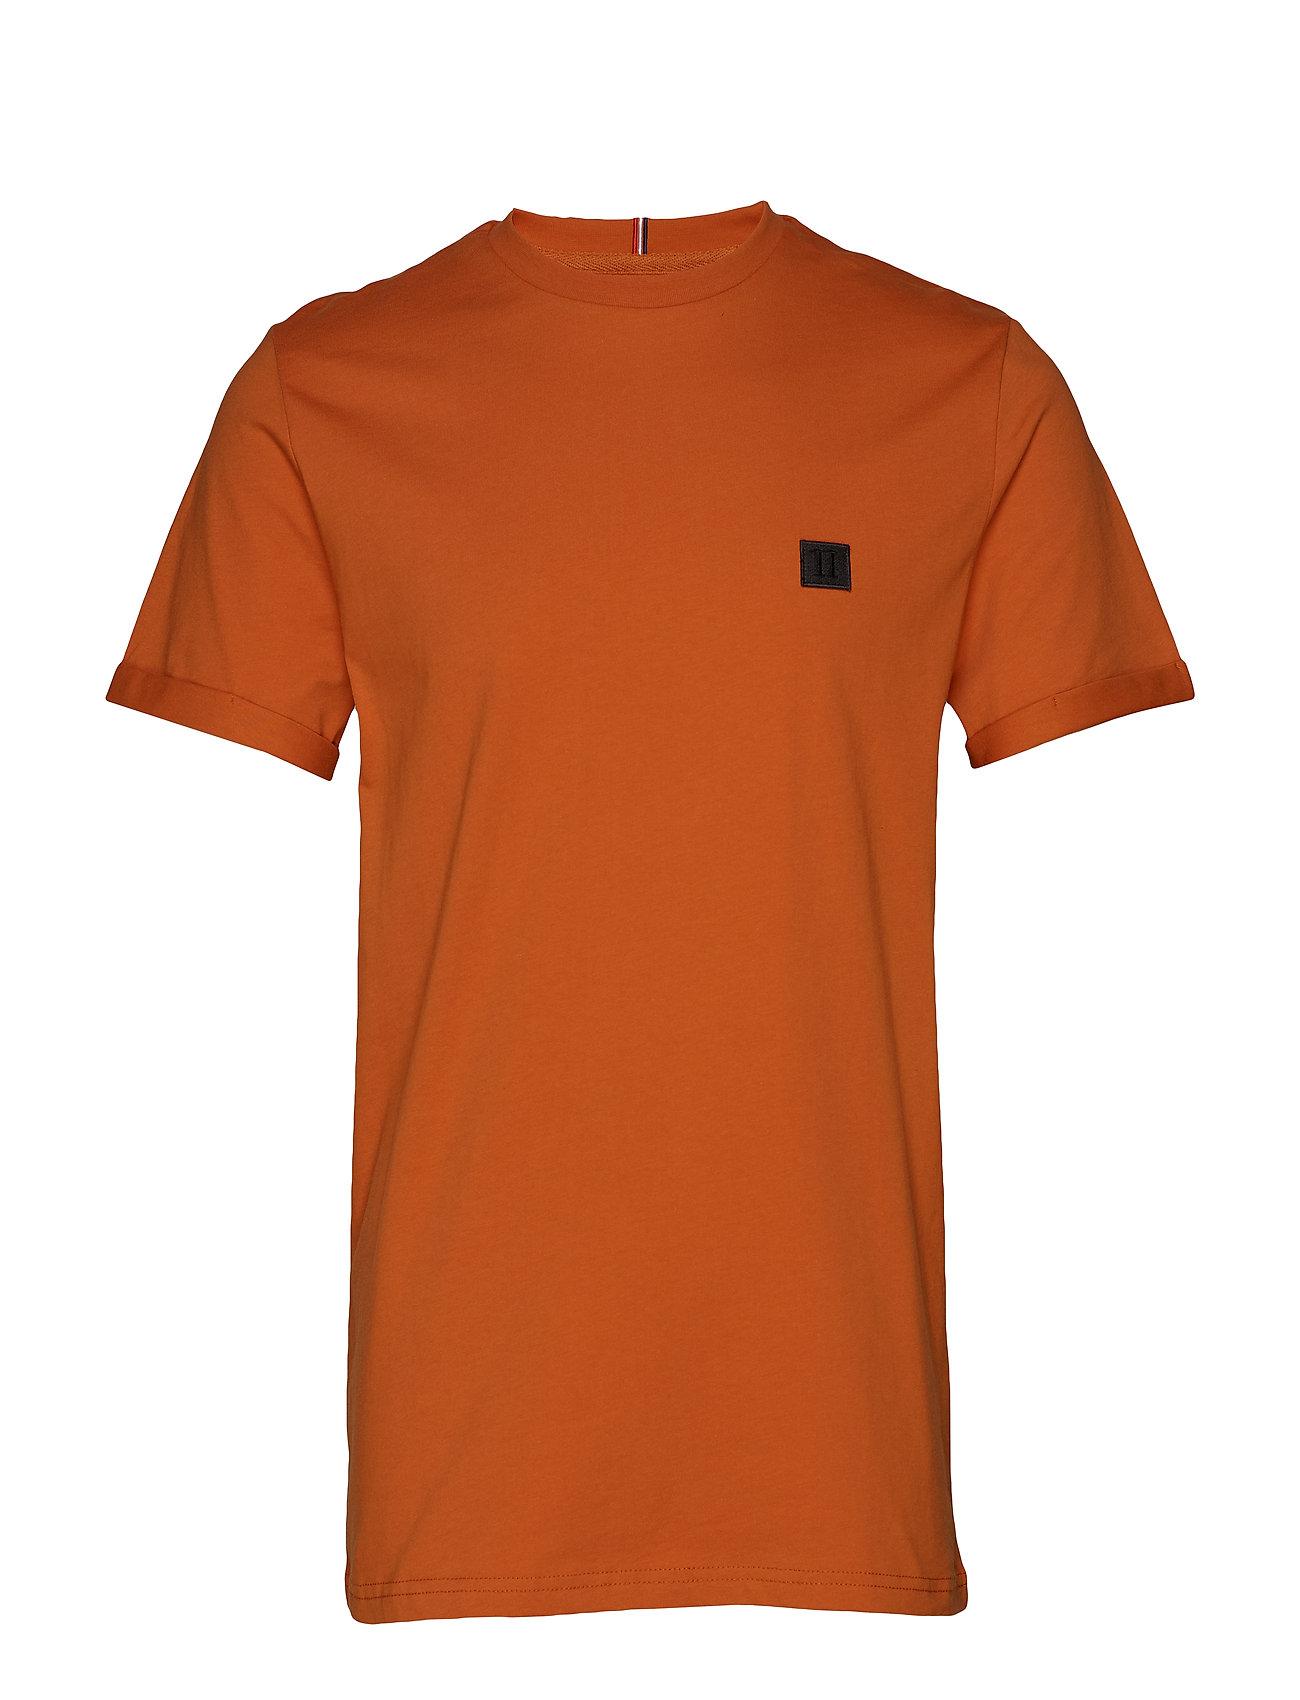 Les Deux Piece T-Shirt - ORANGE/CHARCOAL